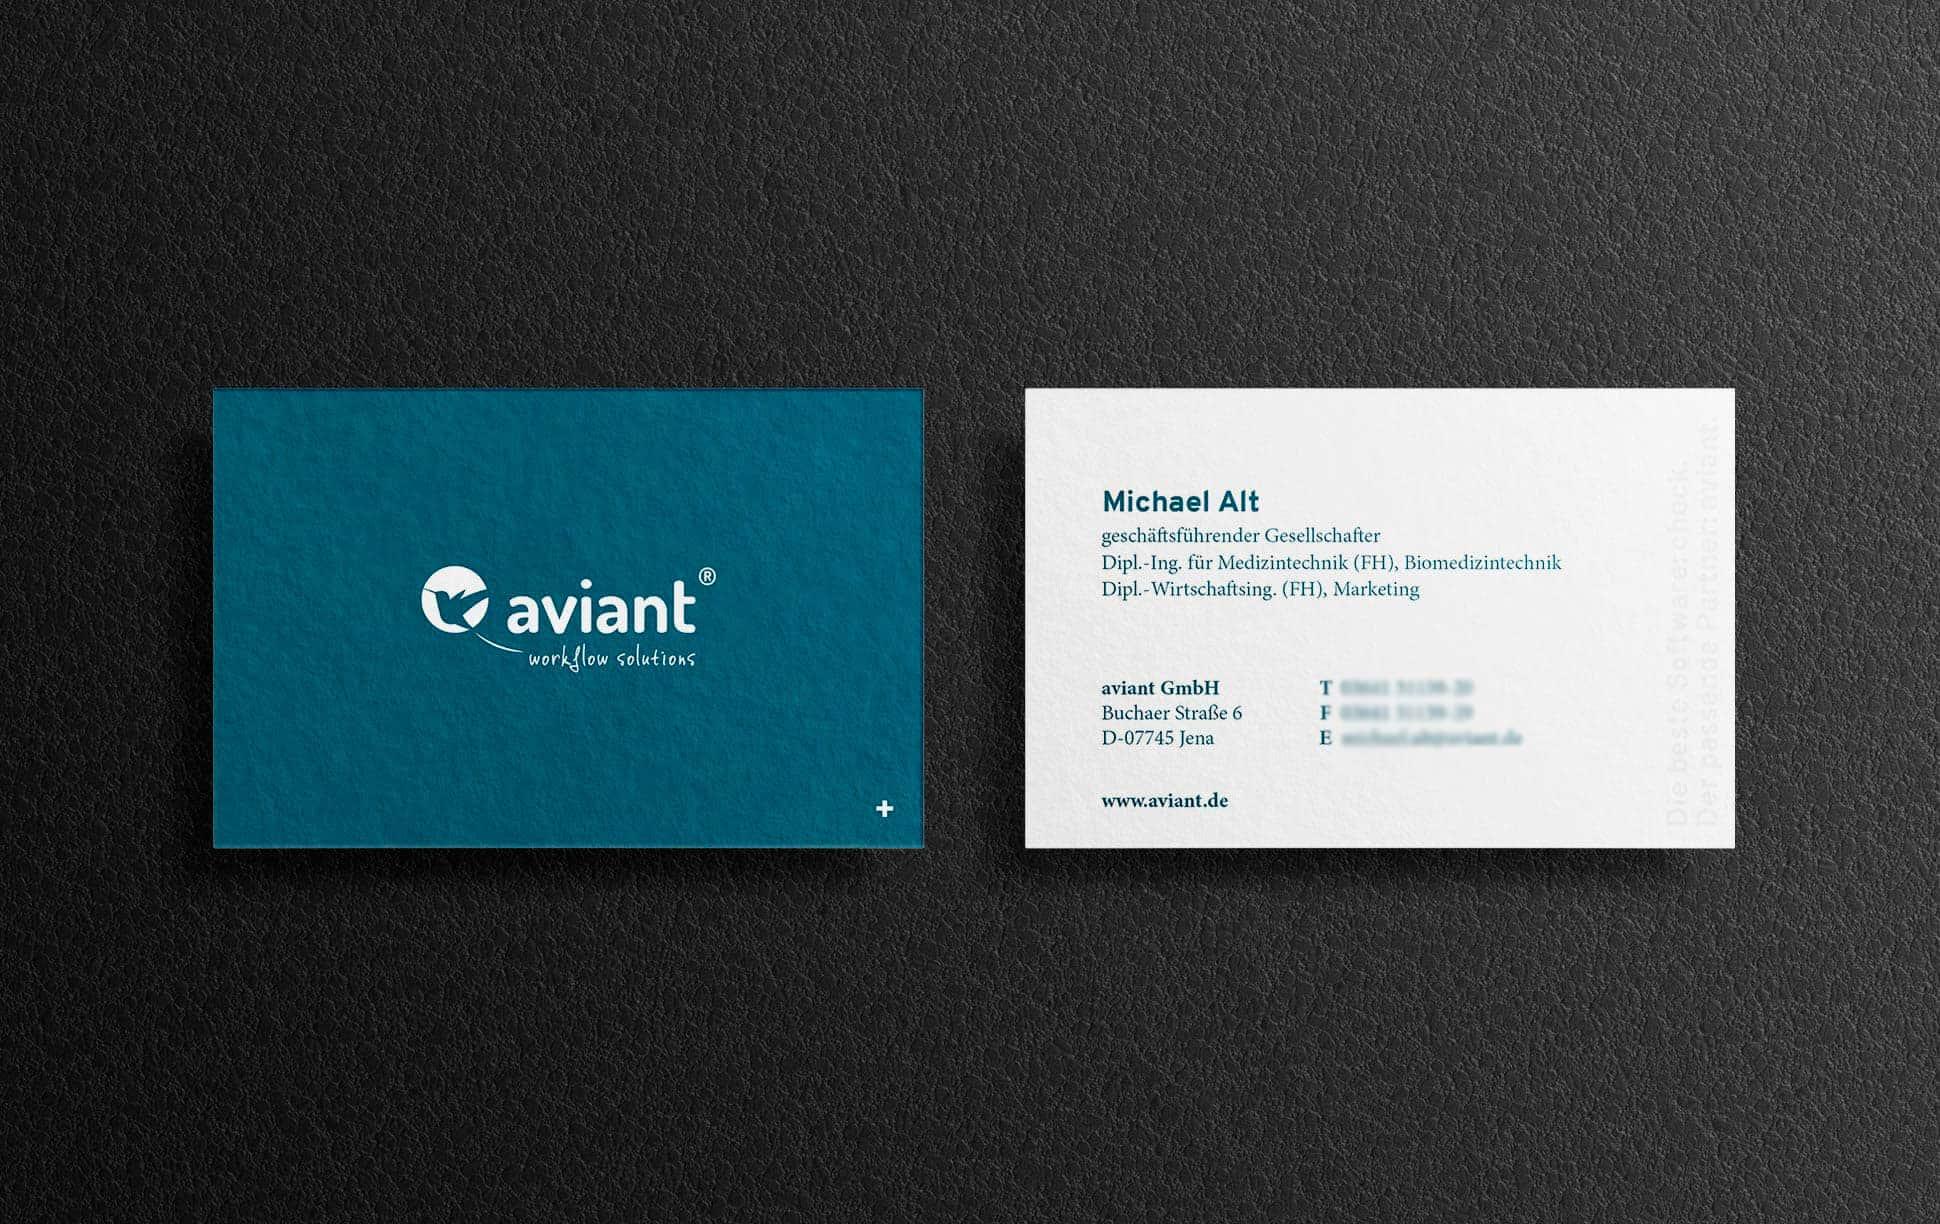 Visitenkarten-Design für die aviant GmbH